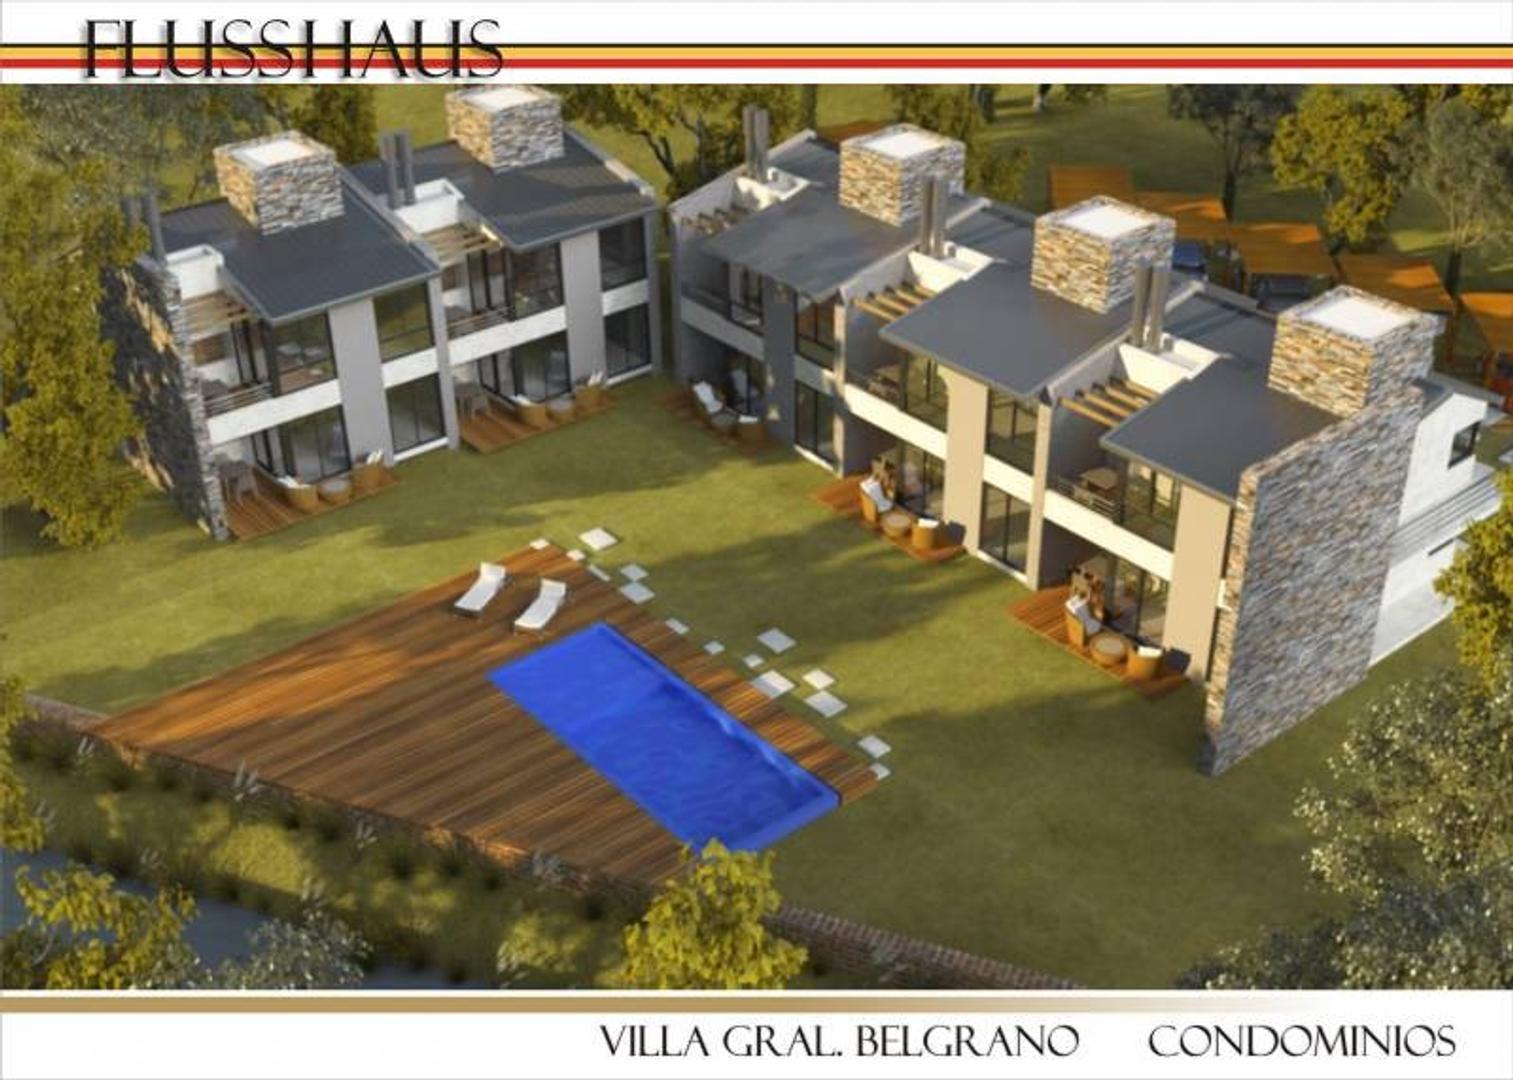 Villa general Belgrano - oportunidad de permuta